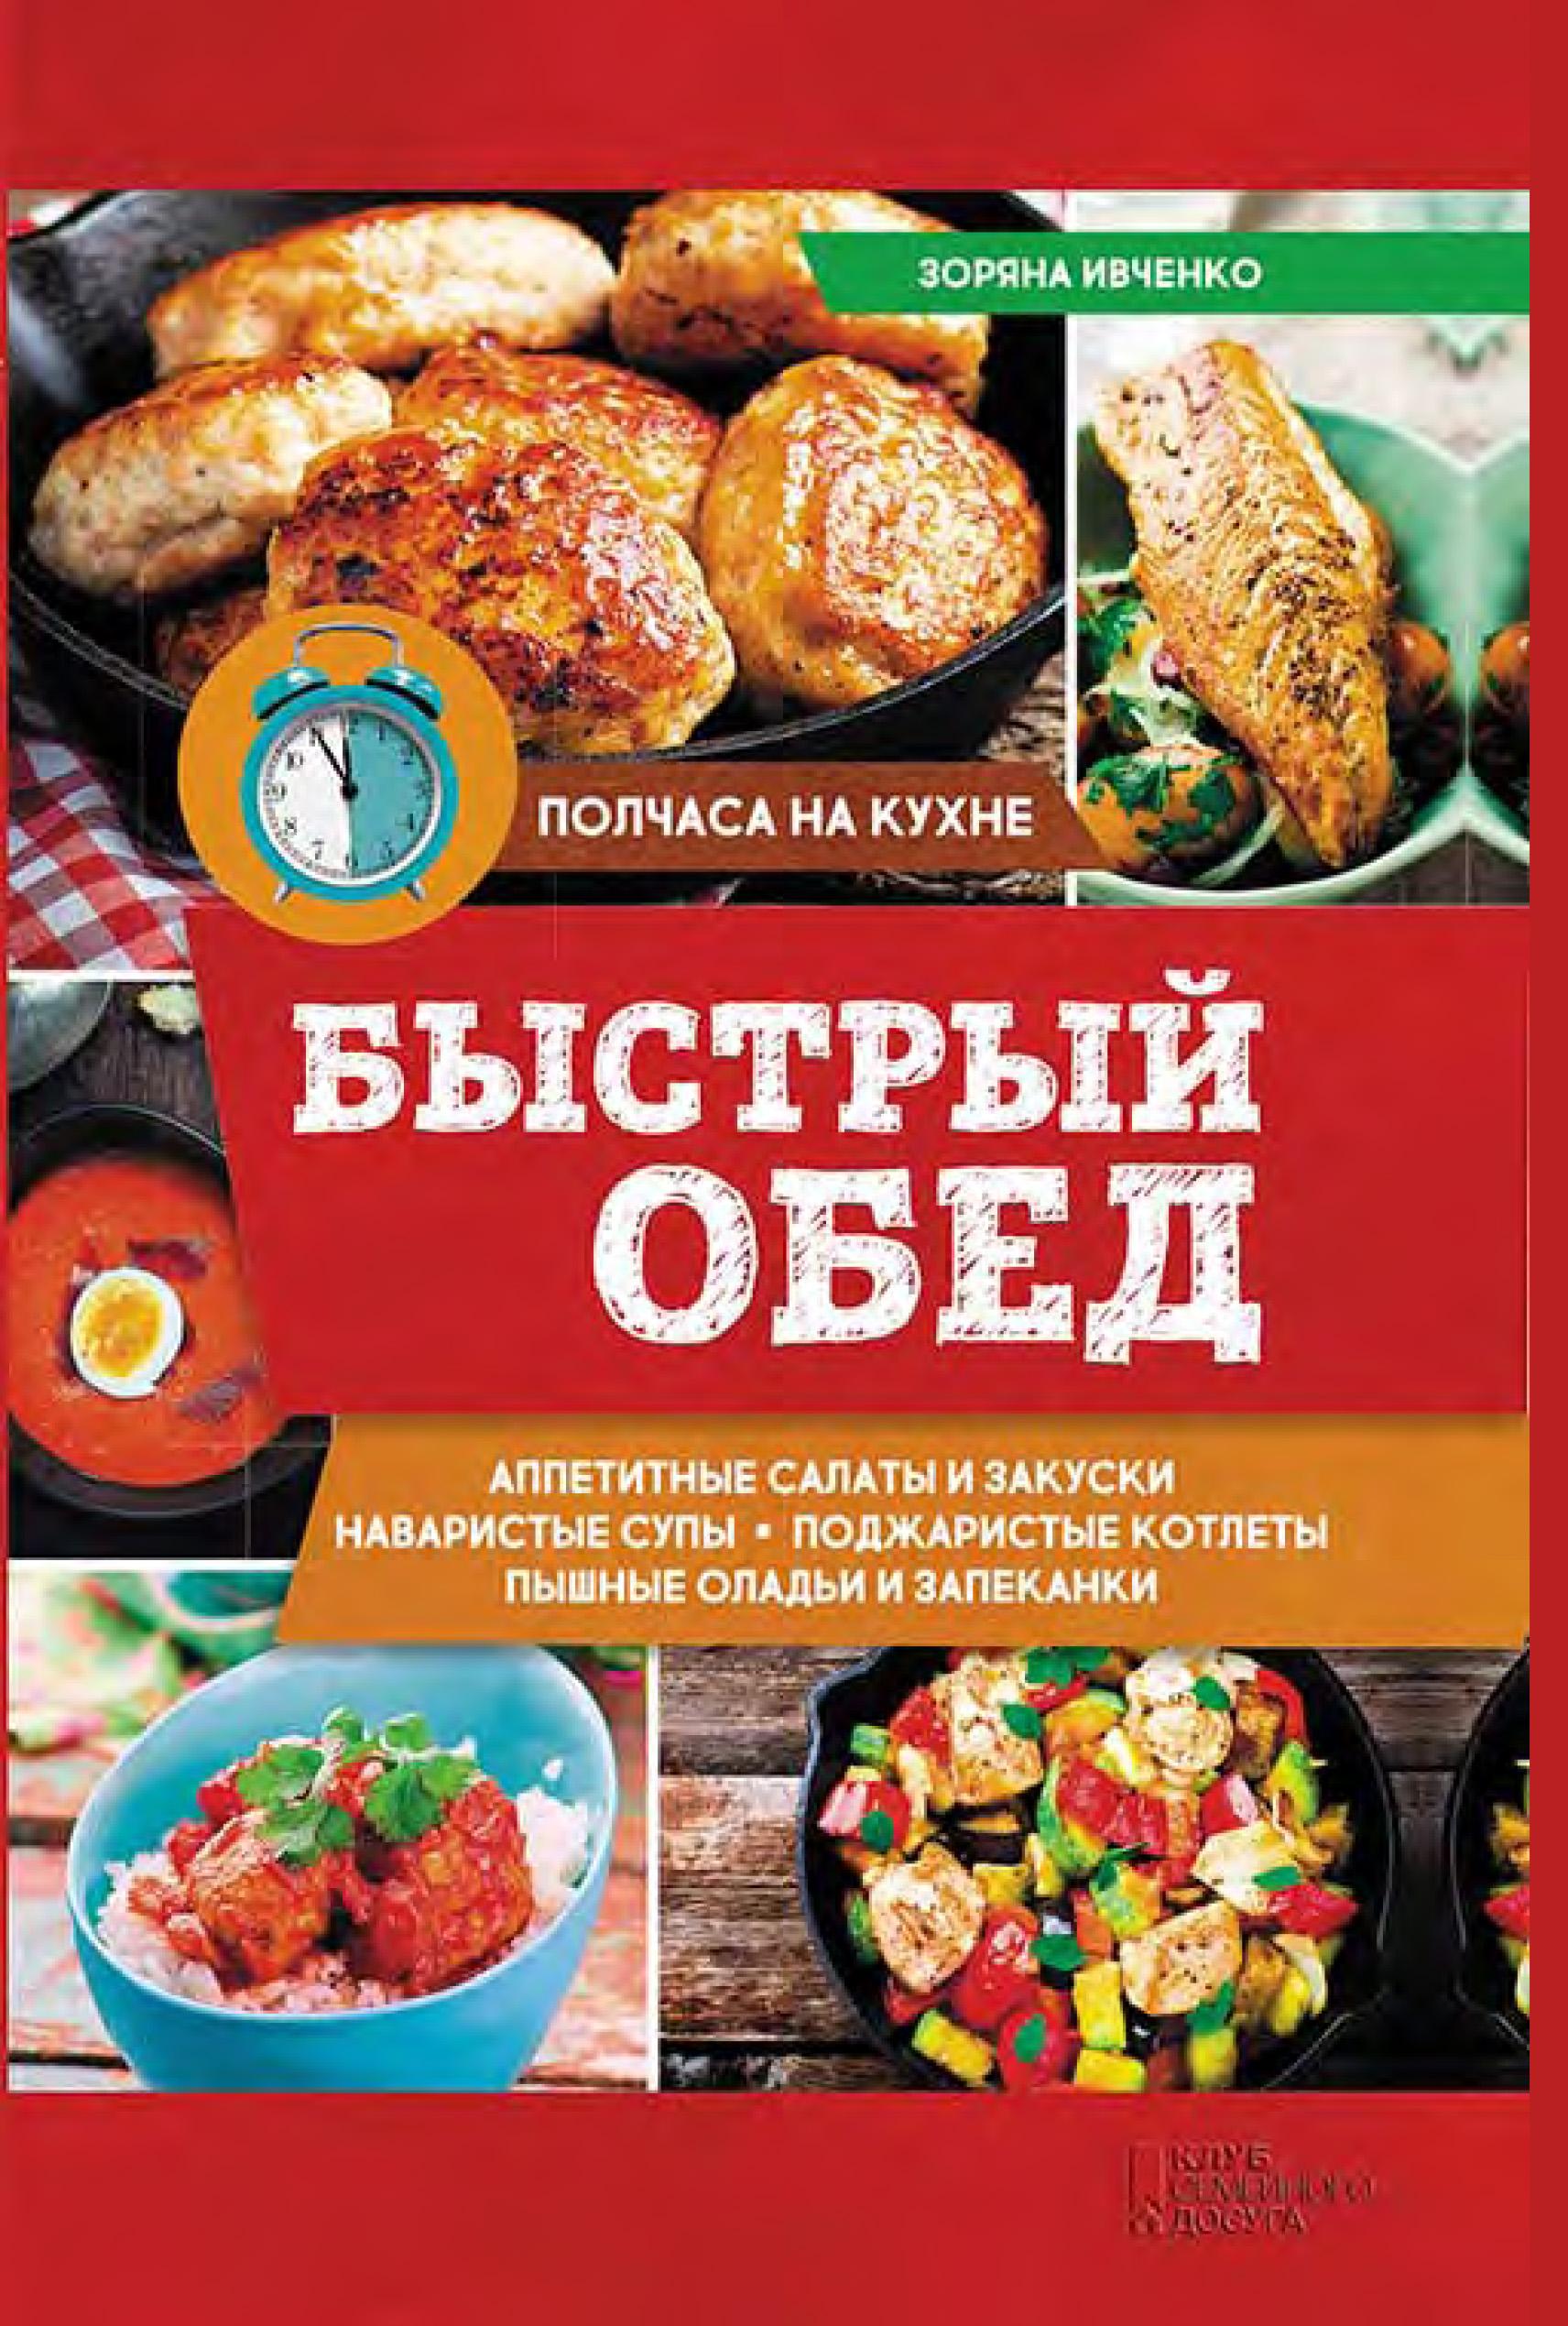 Зоряна Ивченко Быстрый обед